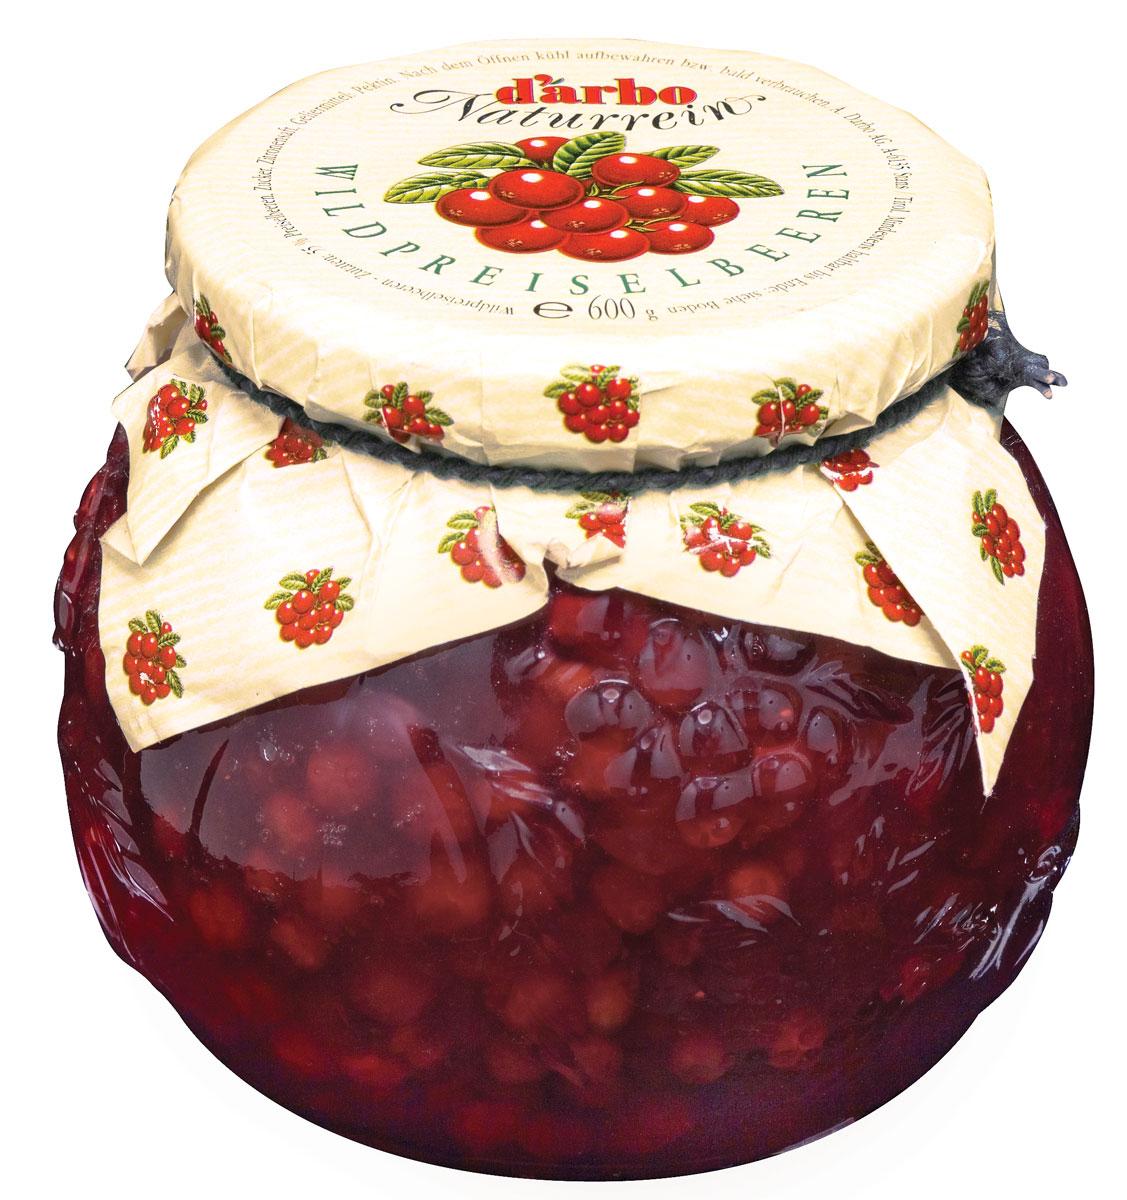 Darbo соус дикая брусника, 600 г22902Семейная фирма ДАрбо начала производство конфитюров и компотов в 1879году. Для приготовления соуса используются отборные ягоды дикойбрусники, которые поспевают в течение лета под солнцем Северной Европы.Изысканный кисло-сладкий вкус прекрасно дополнит как блюда из мяса, индейки, свинины, так и оладьи, блины или просто мороженое.